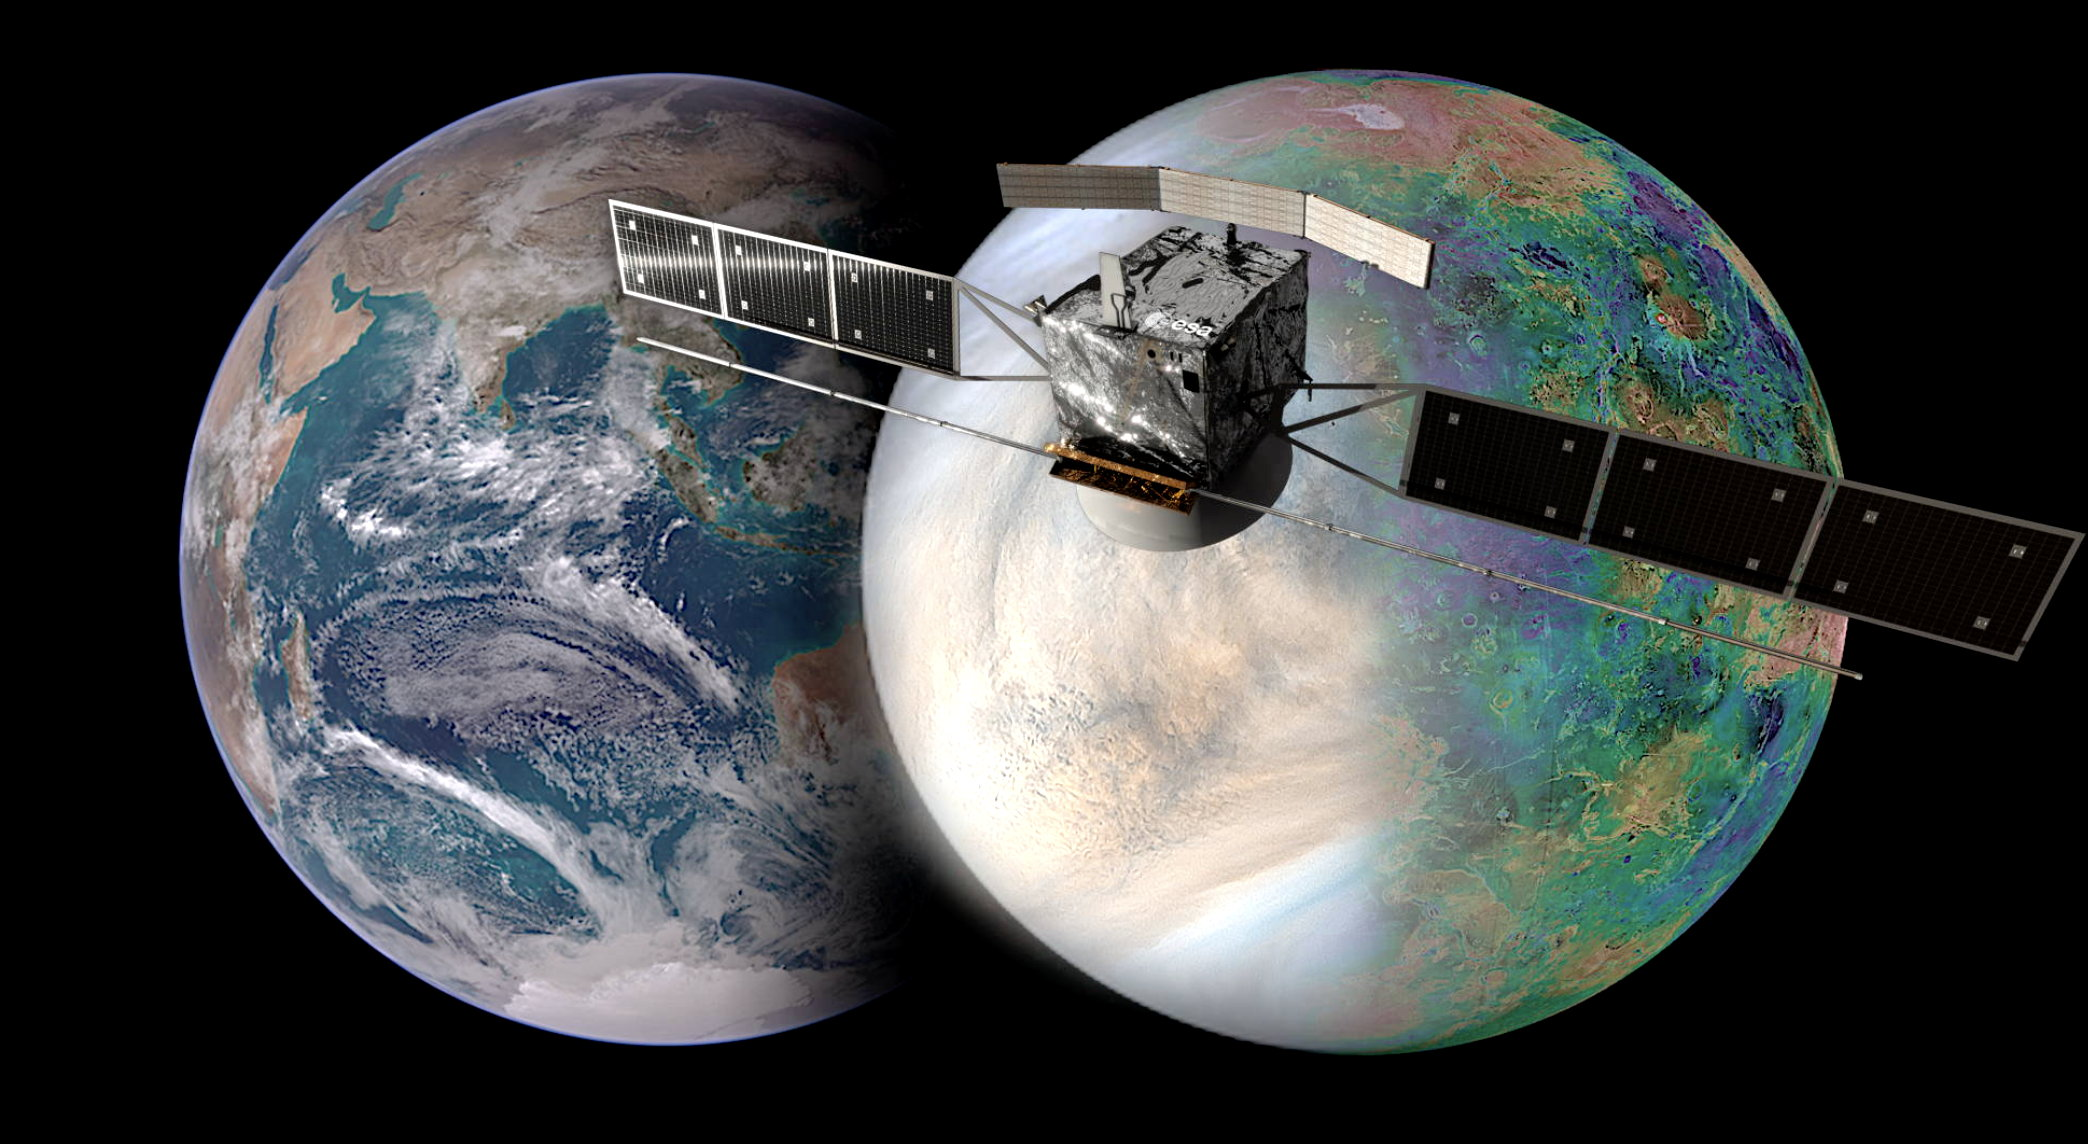 Европейское космическое агентство отправит миссию на Венеру вслед за NASA. С чего такой ажиотаж?.Вокруг Света. Украина